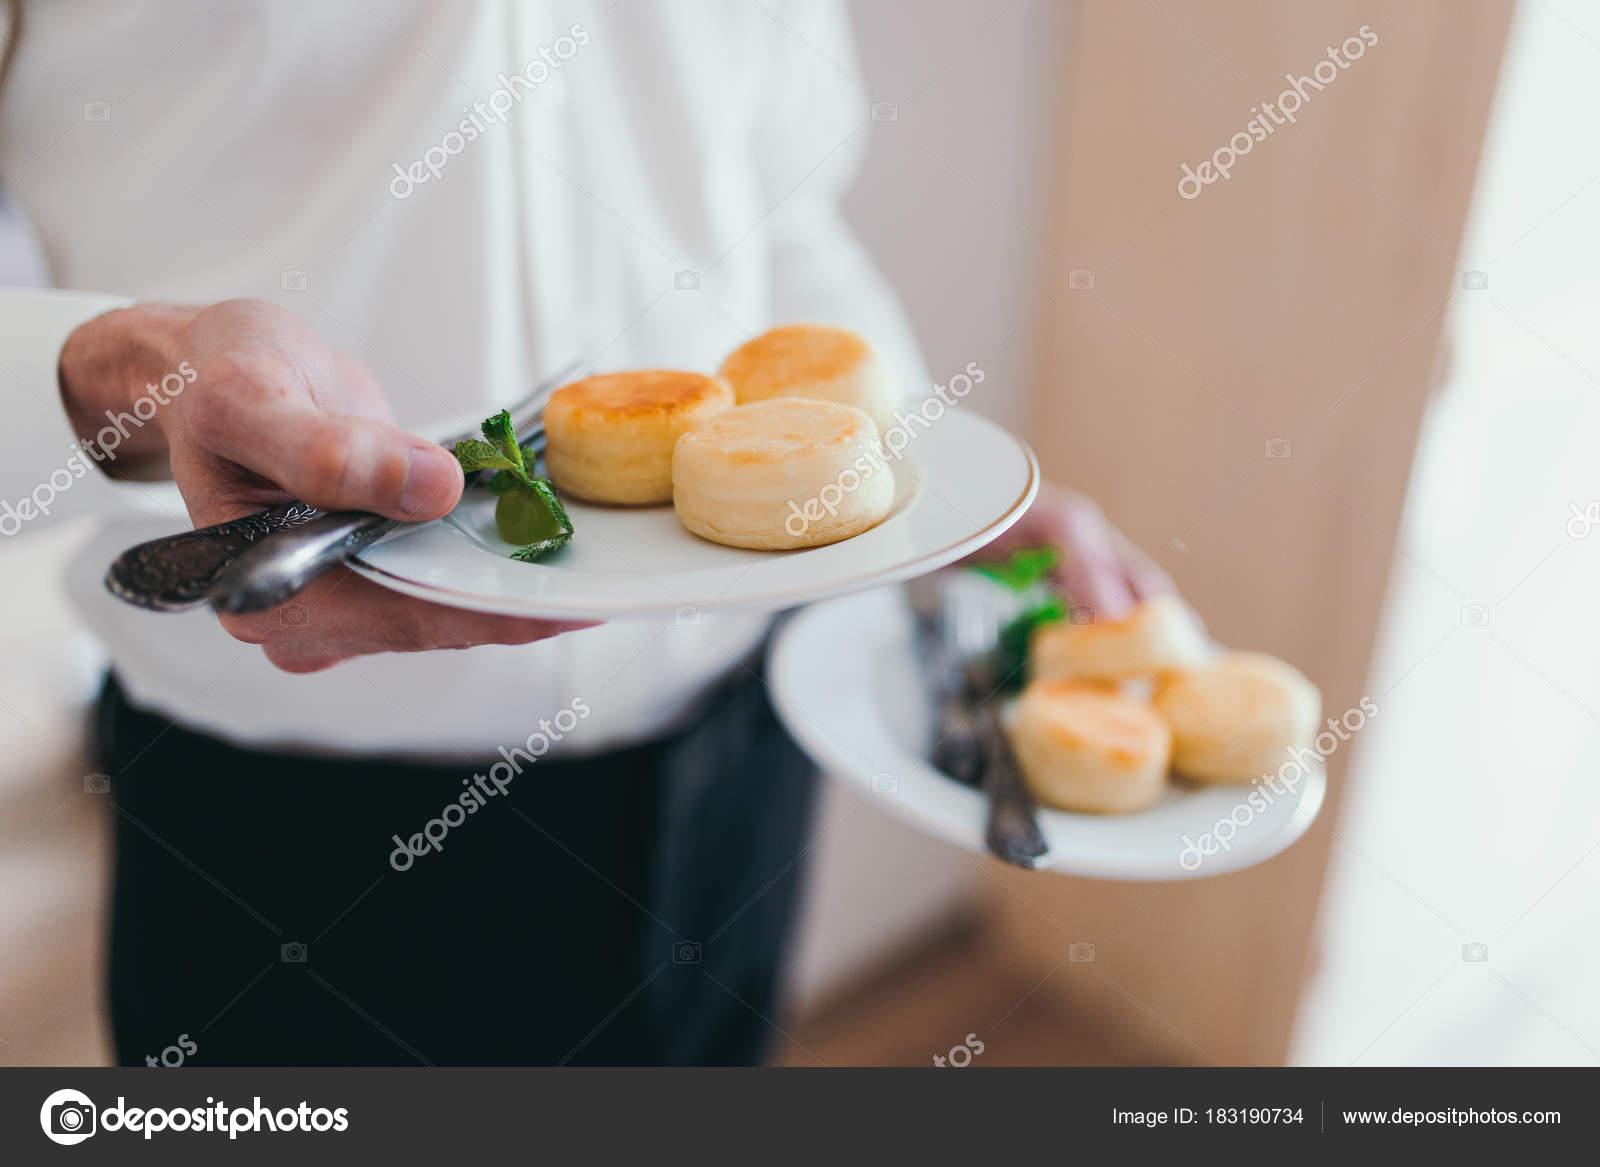 Fröhlicher Mensch Ein Gesundes Frühstück Am Morgen Guten